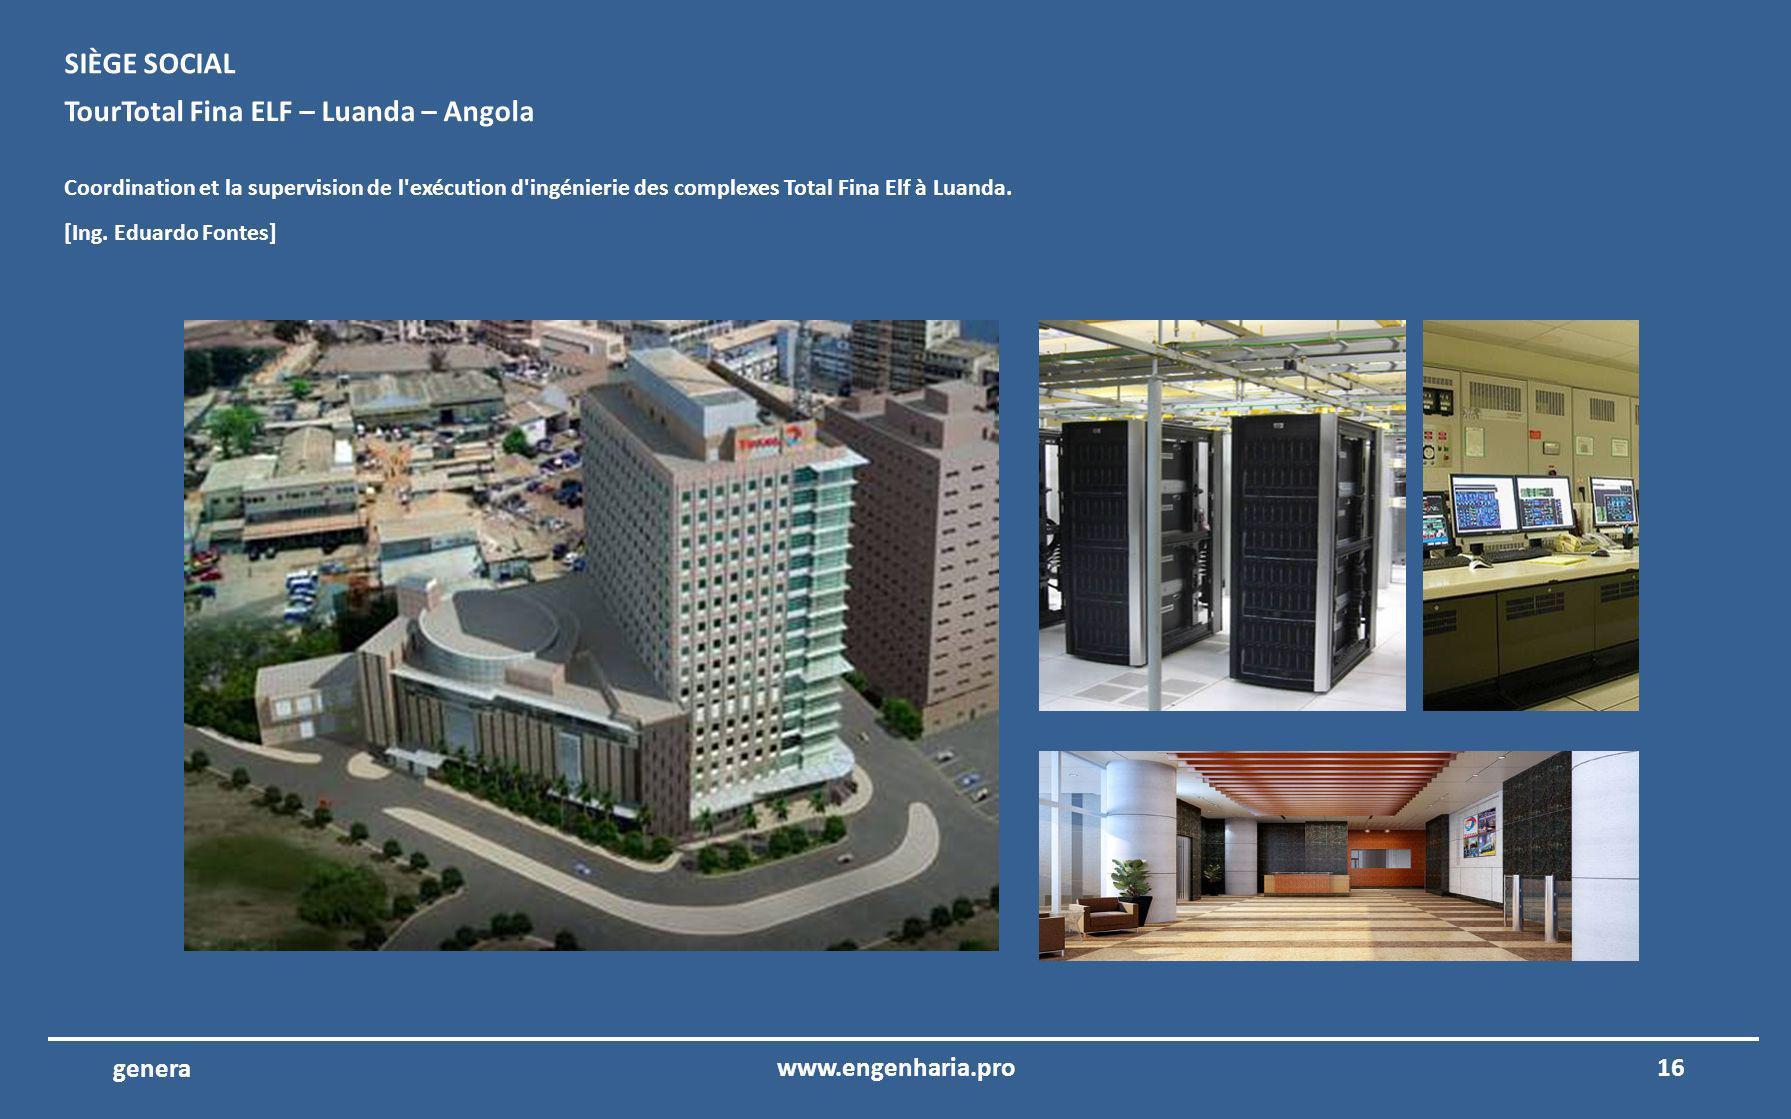 15www.engenharia.pro genera Aéroport international de Algarve – Faro – ANA Coordination et la supervision de l exécution des projets d ingénierie de la reconstruction des comptoirs d enregistrement et la zone publique de l aéroport.